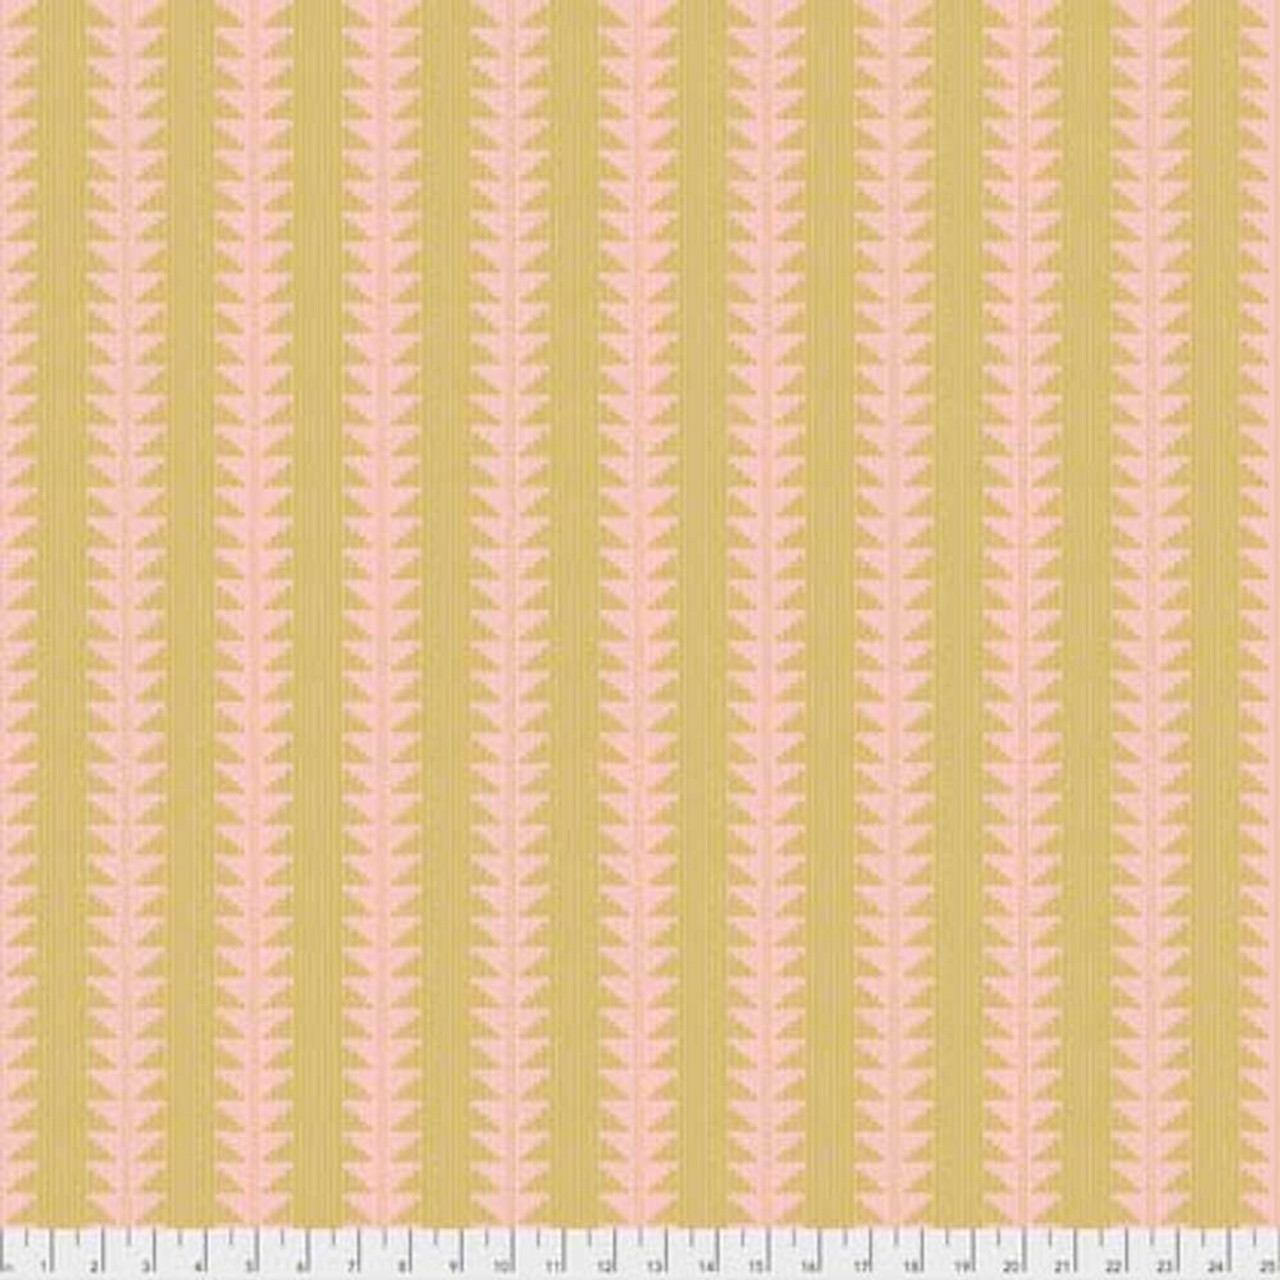 Joel Dewberry Avalon PWJD155 Arrow Blush Cotton Fabric By Yd